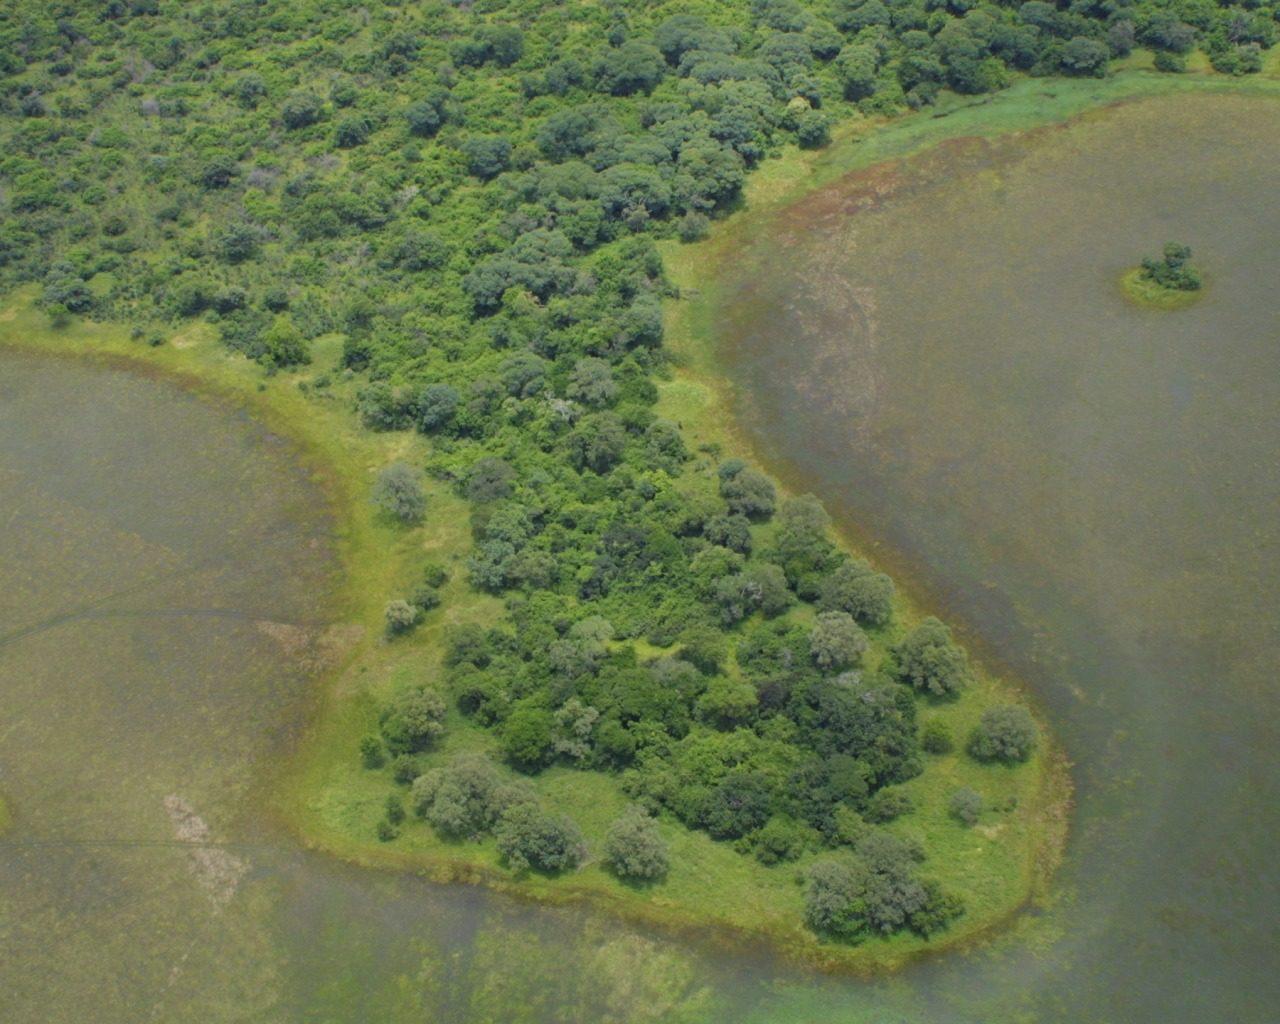 Kapinga Camp Zambia Aerial View